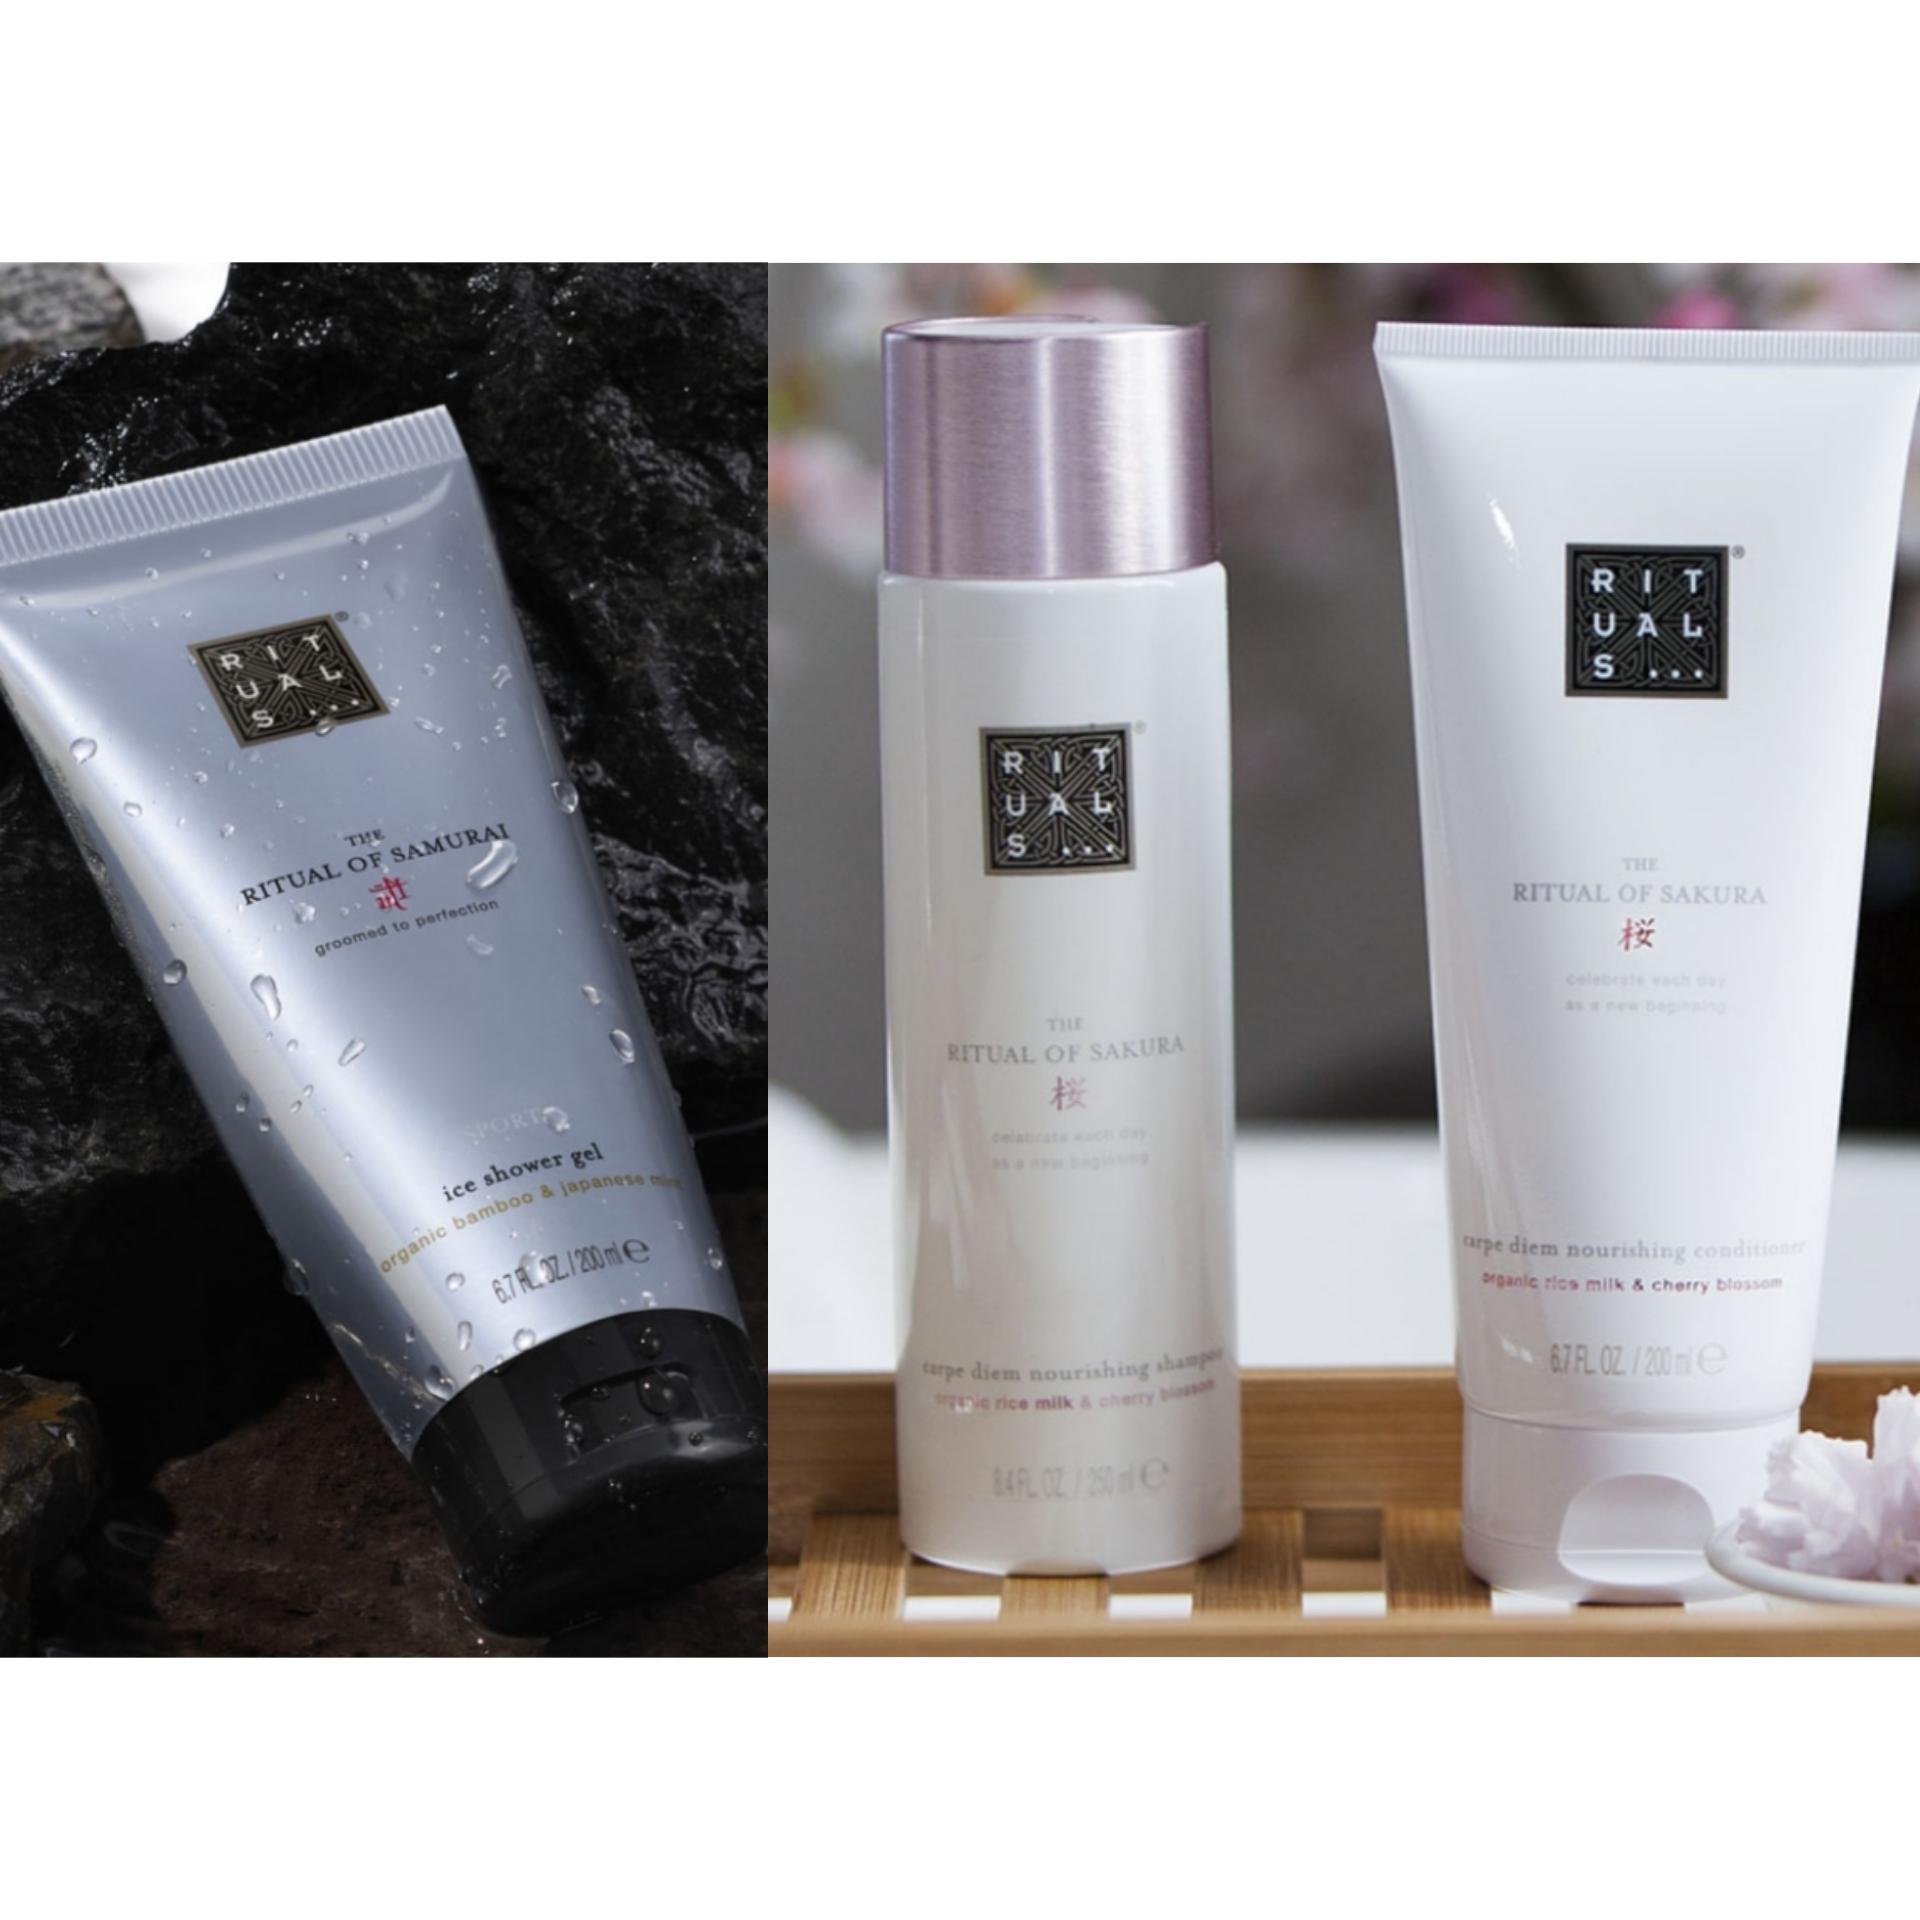 Rituals : Shampoo&Conditioner voor €10,- (bijna 50% korting), Samurai Showergel voor €5,- en nieuwe cadeaus bij je bestelling